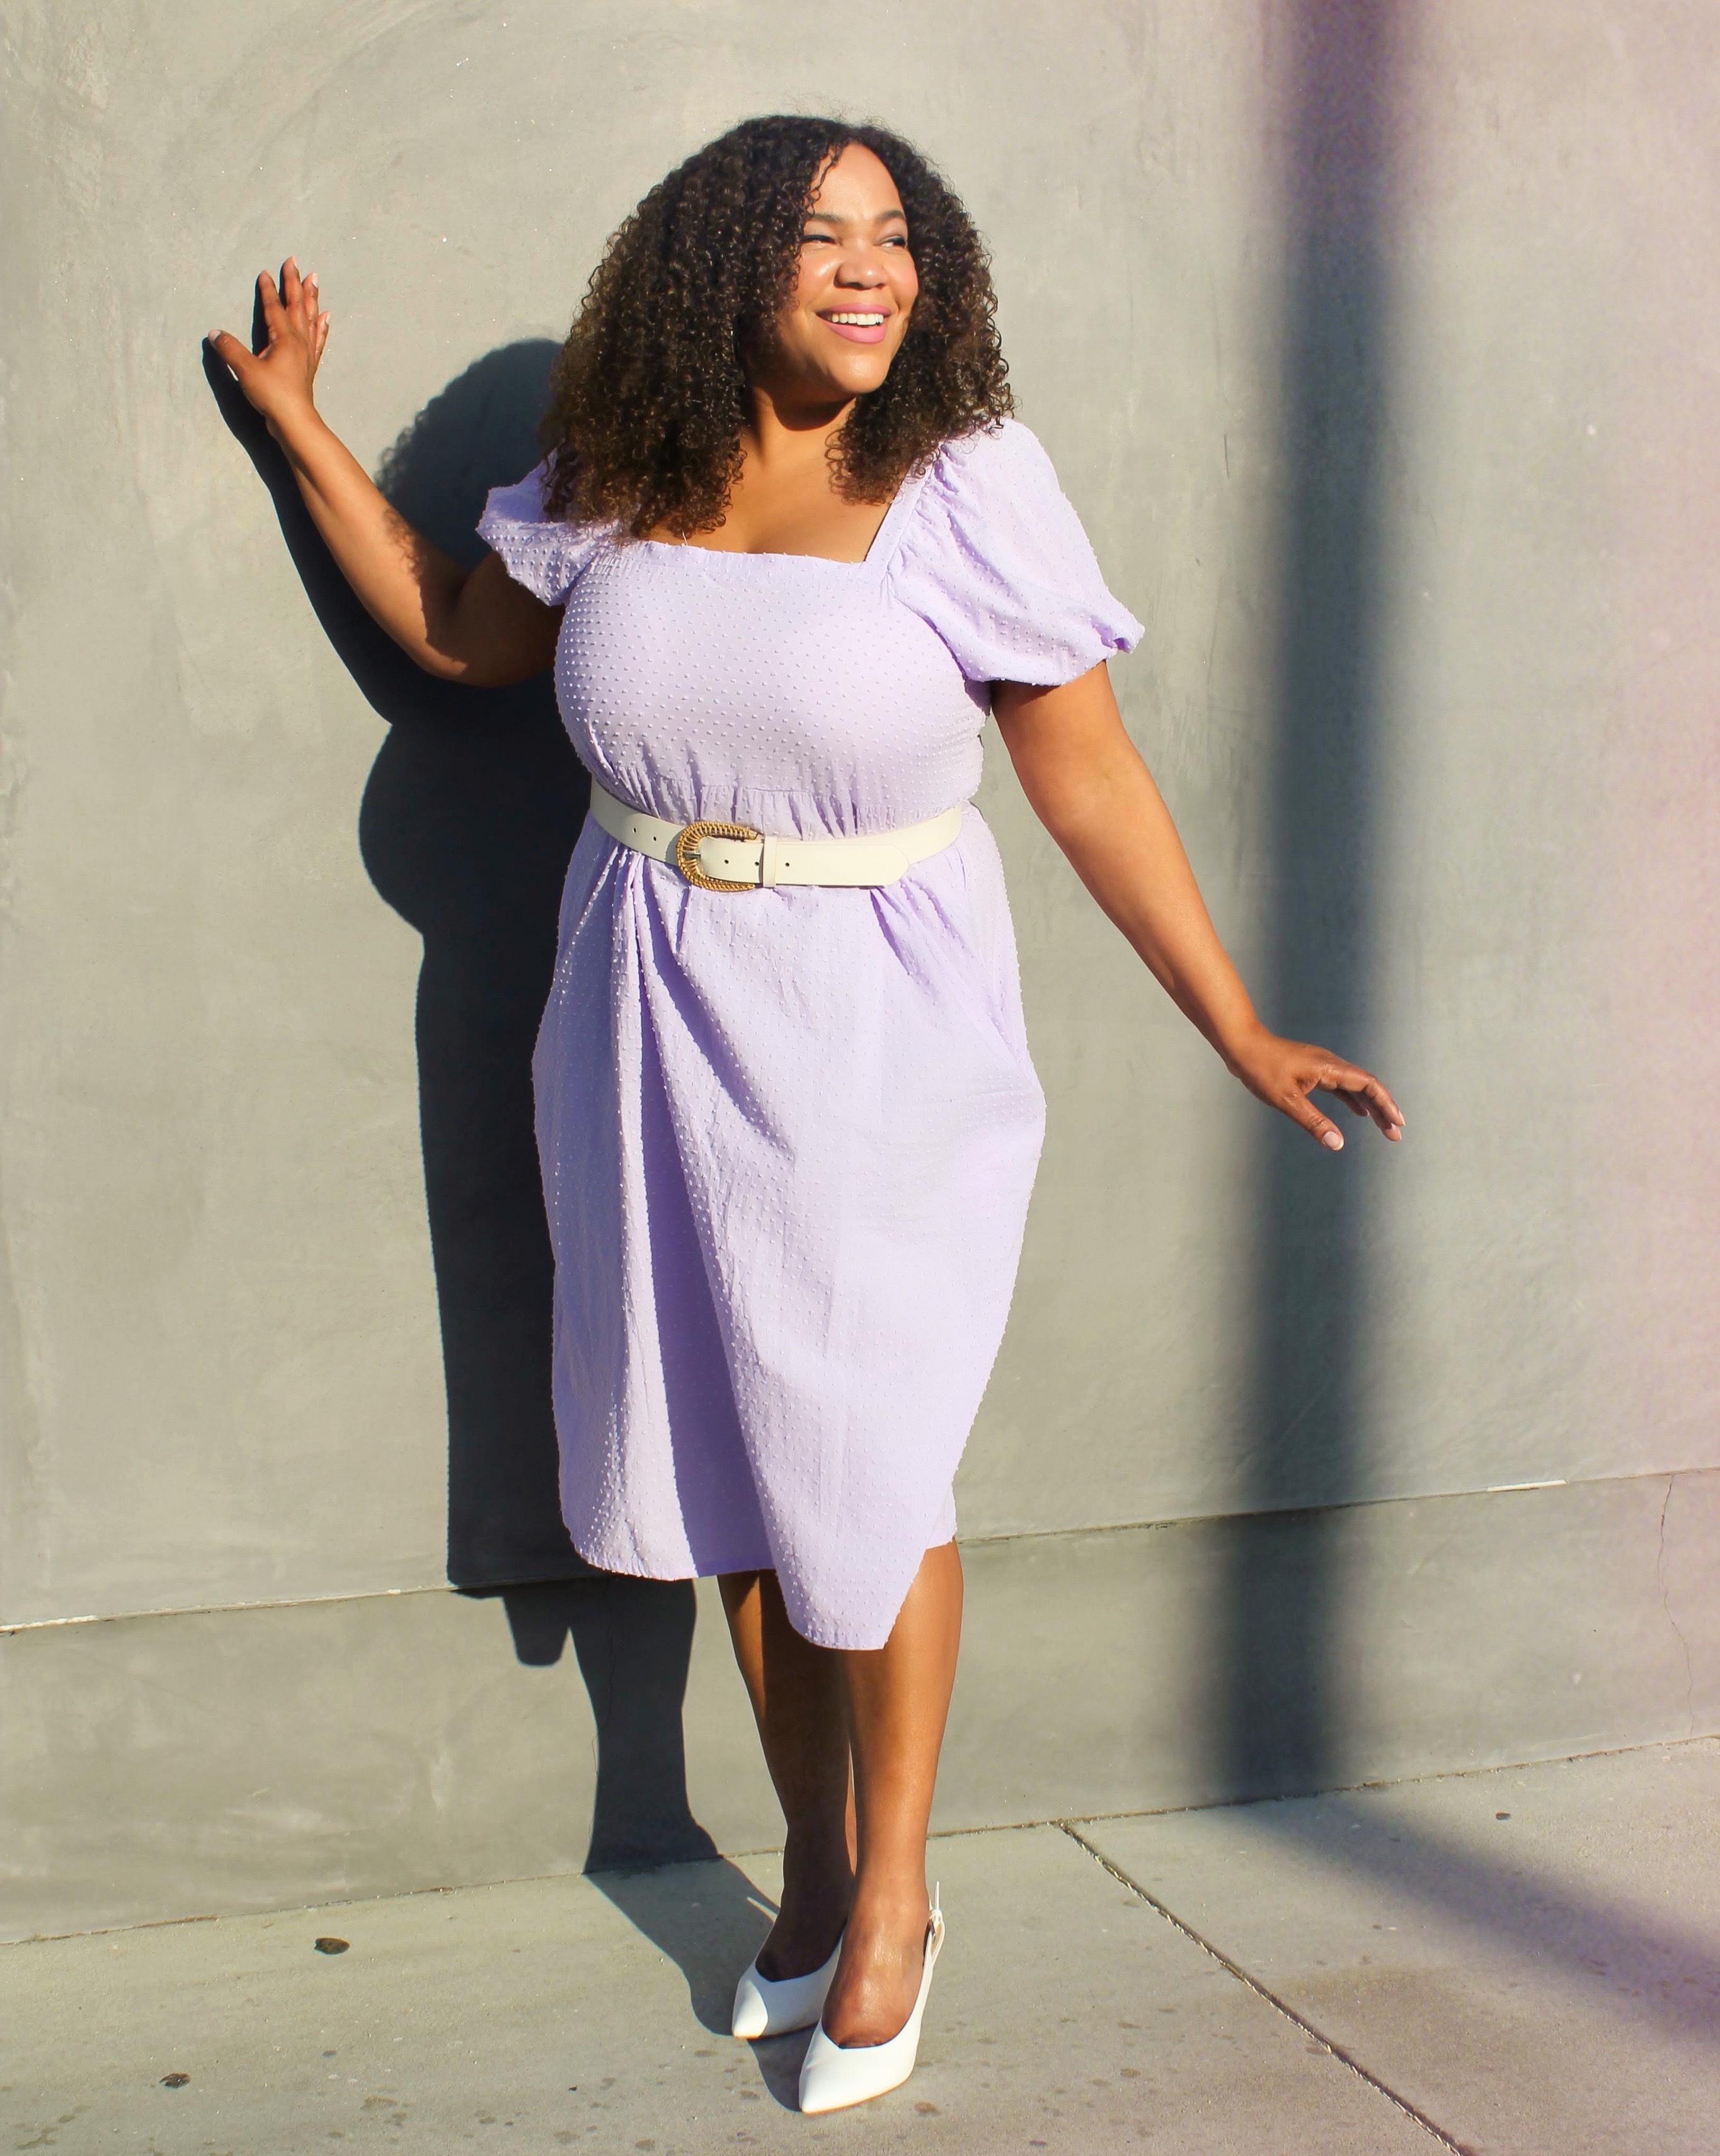 A black woman in a purple dress